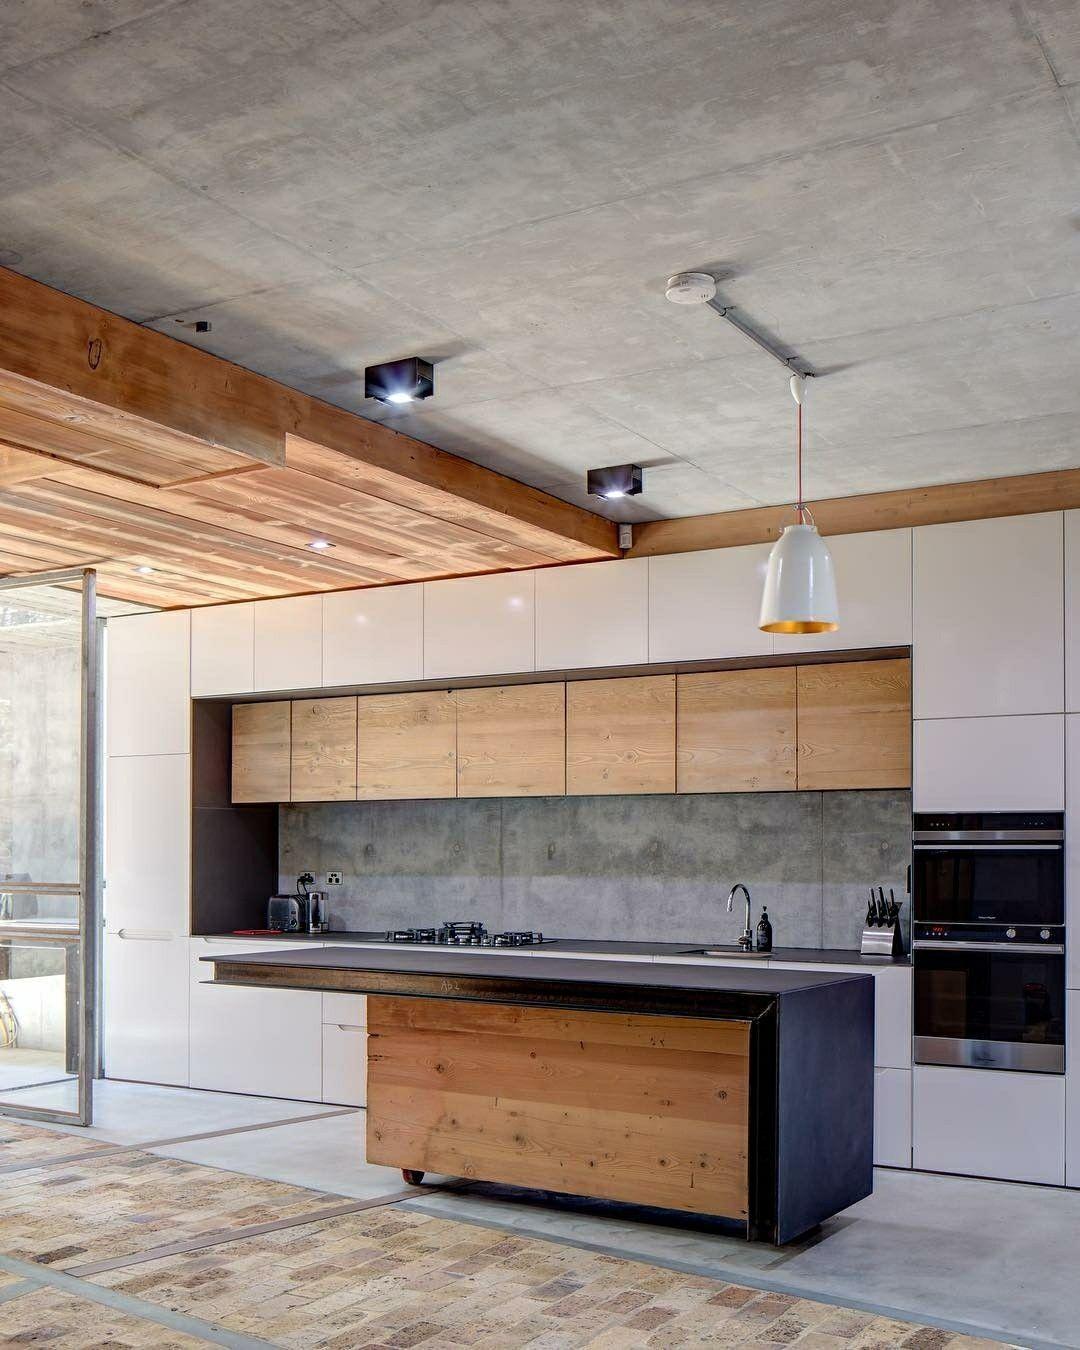 Kitchen Set Minimalist: Kitchen Design In Concrete And Wood